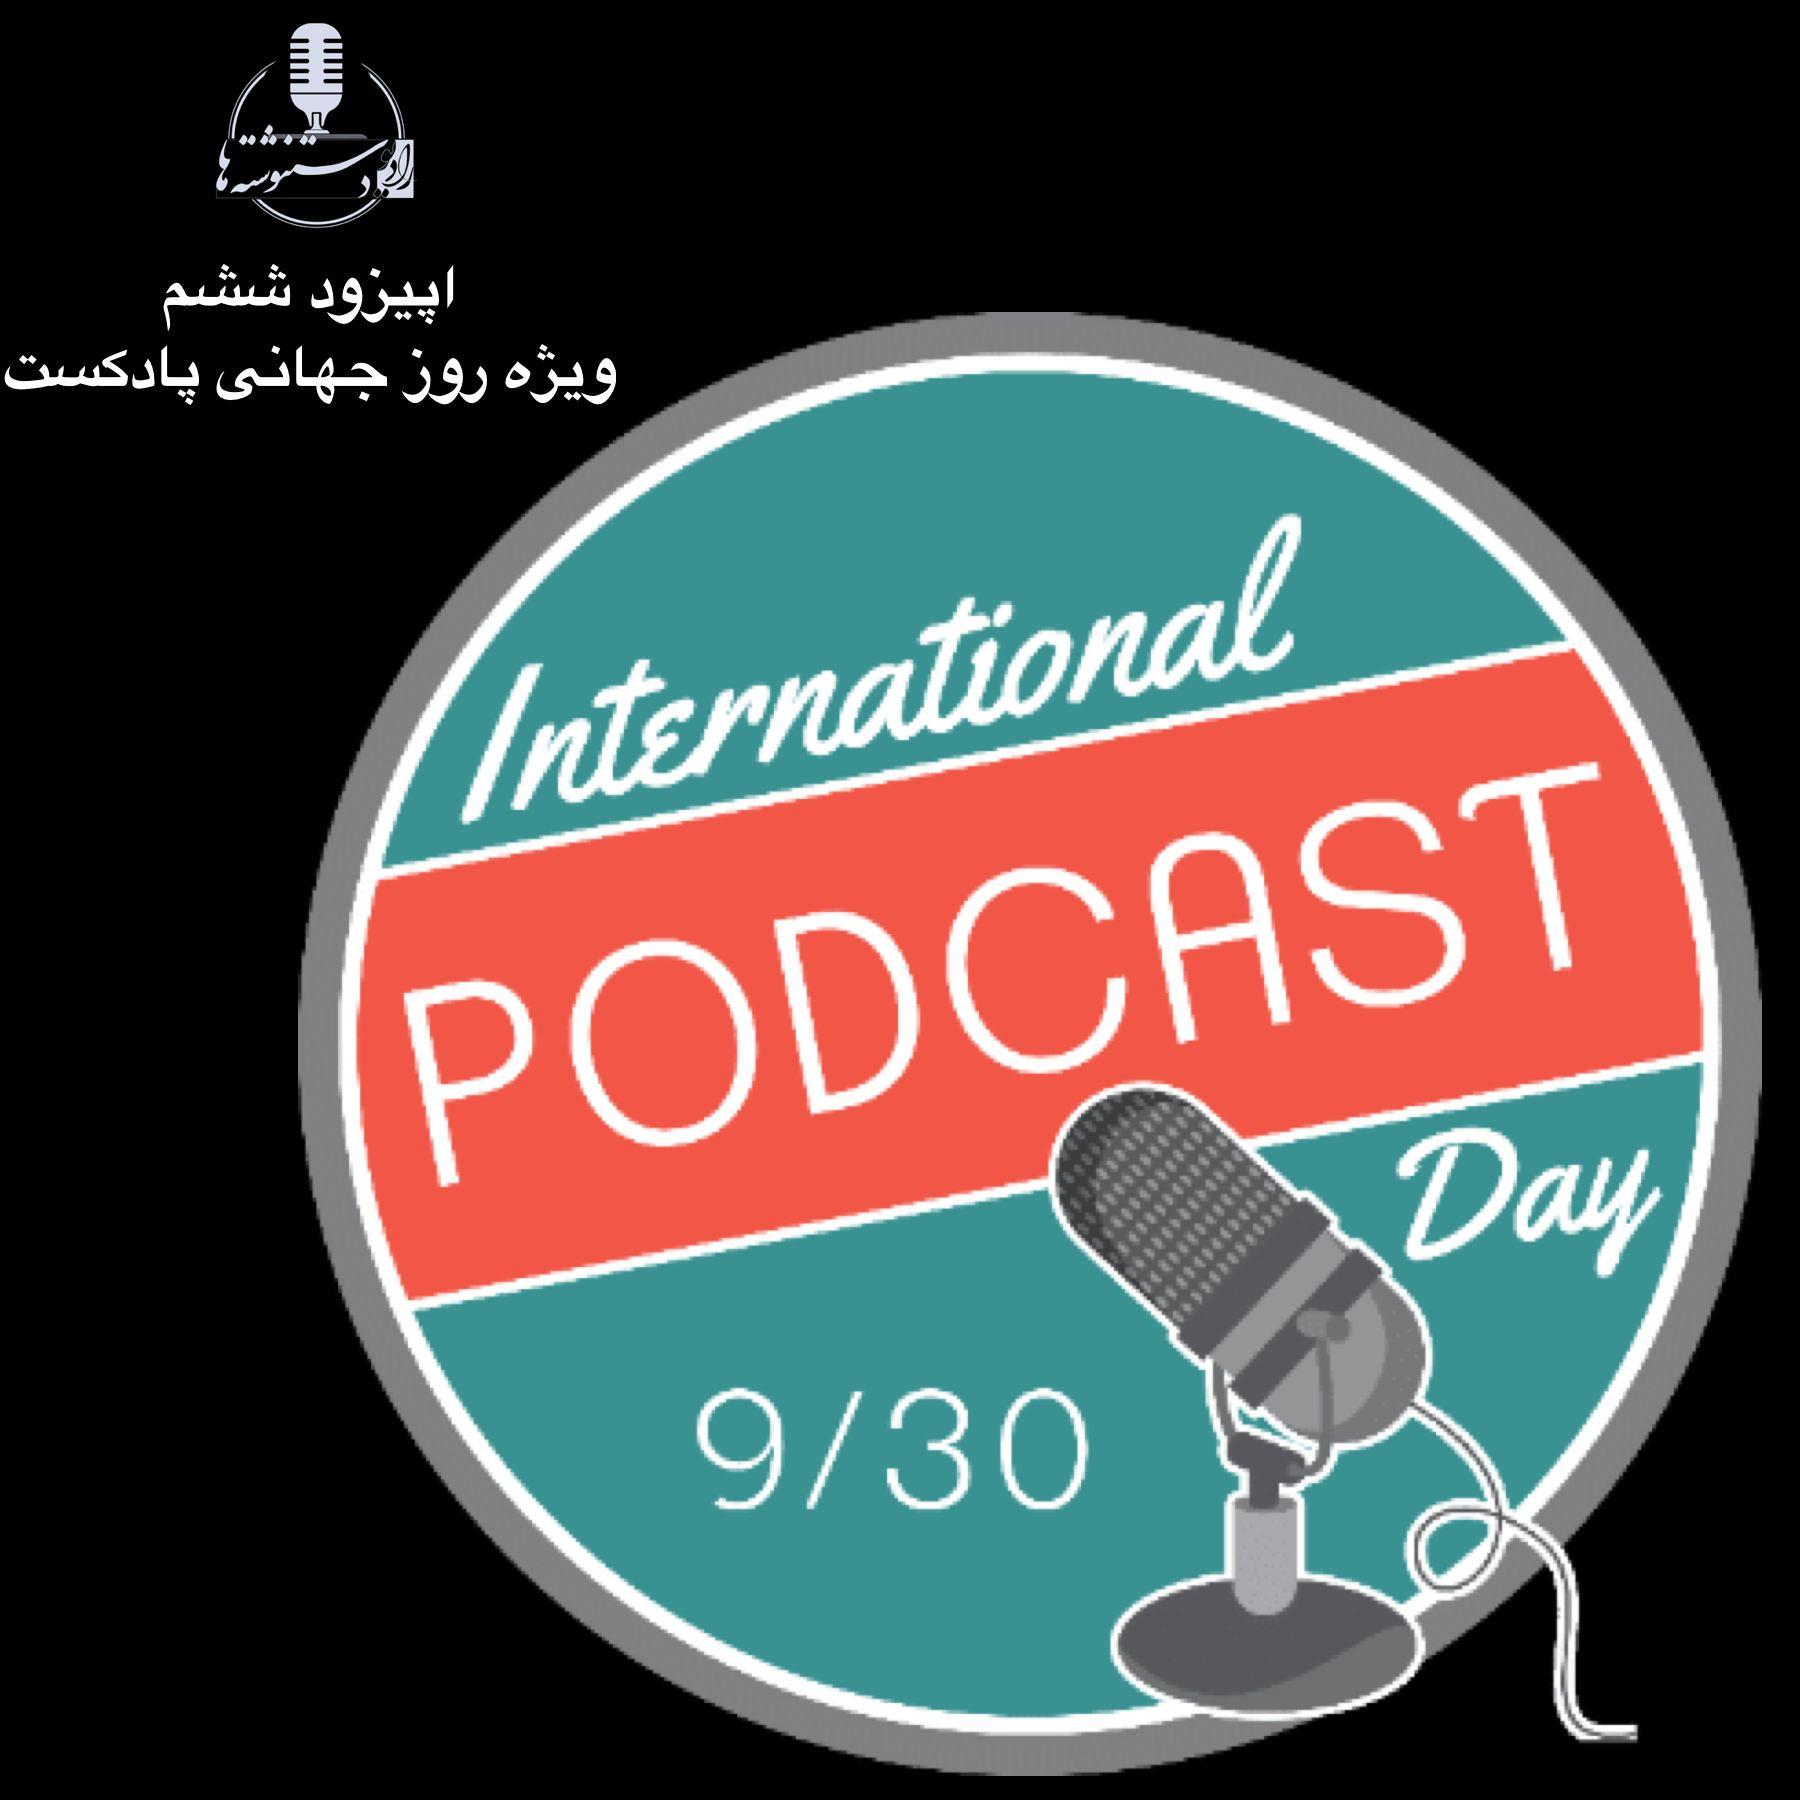 رادیو دستنوشتهها - اپیزود  ۶- ویژه روز جهانی پادکست